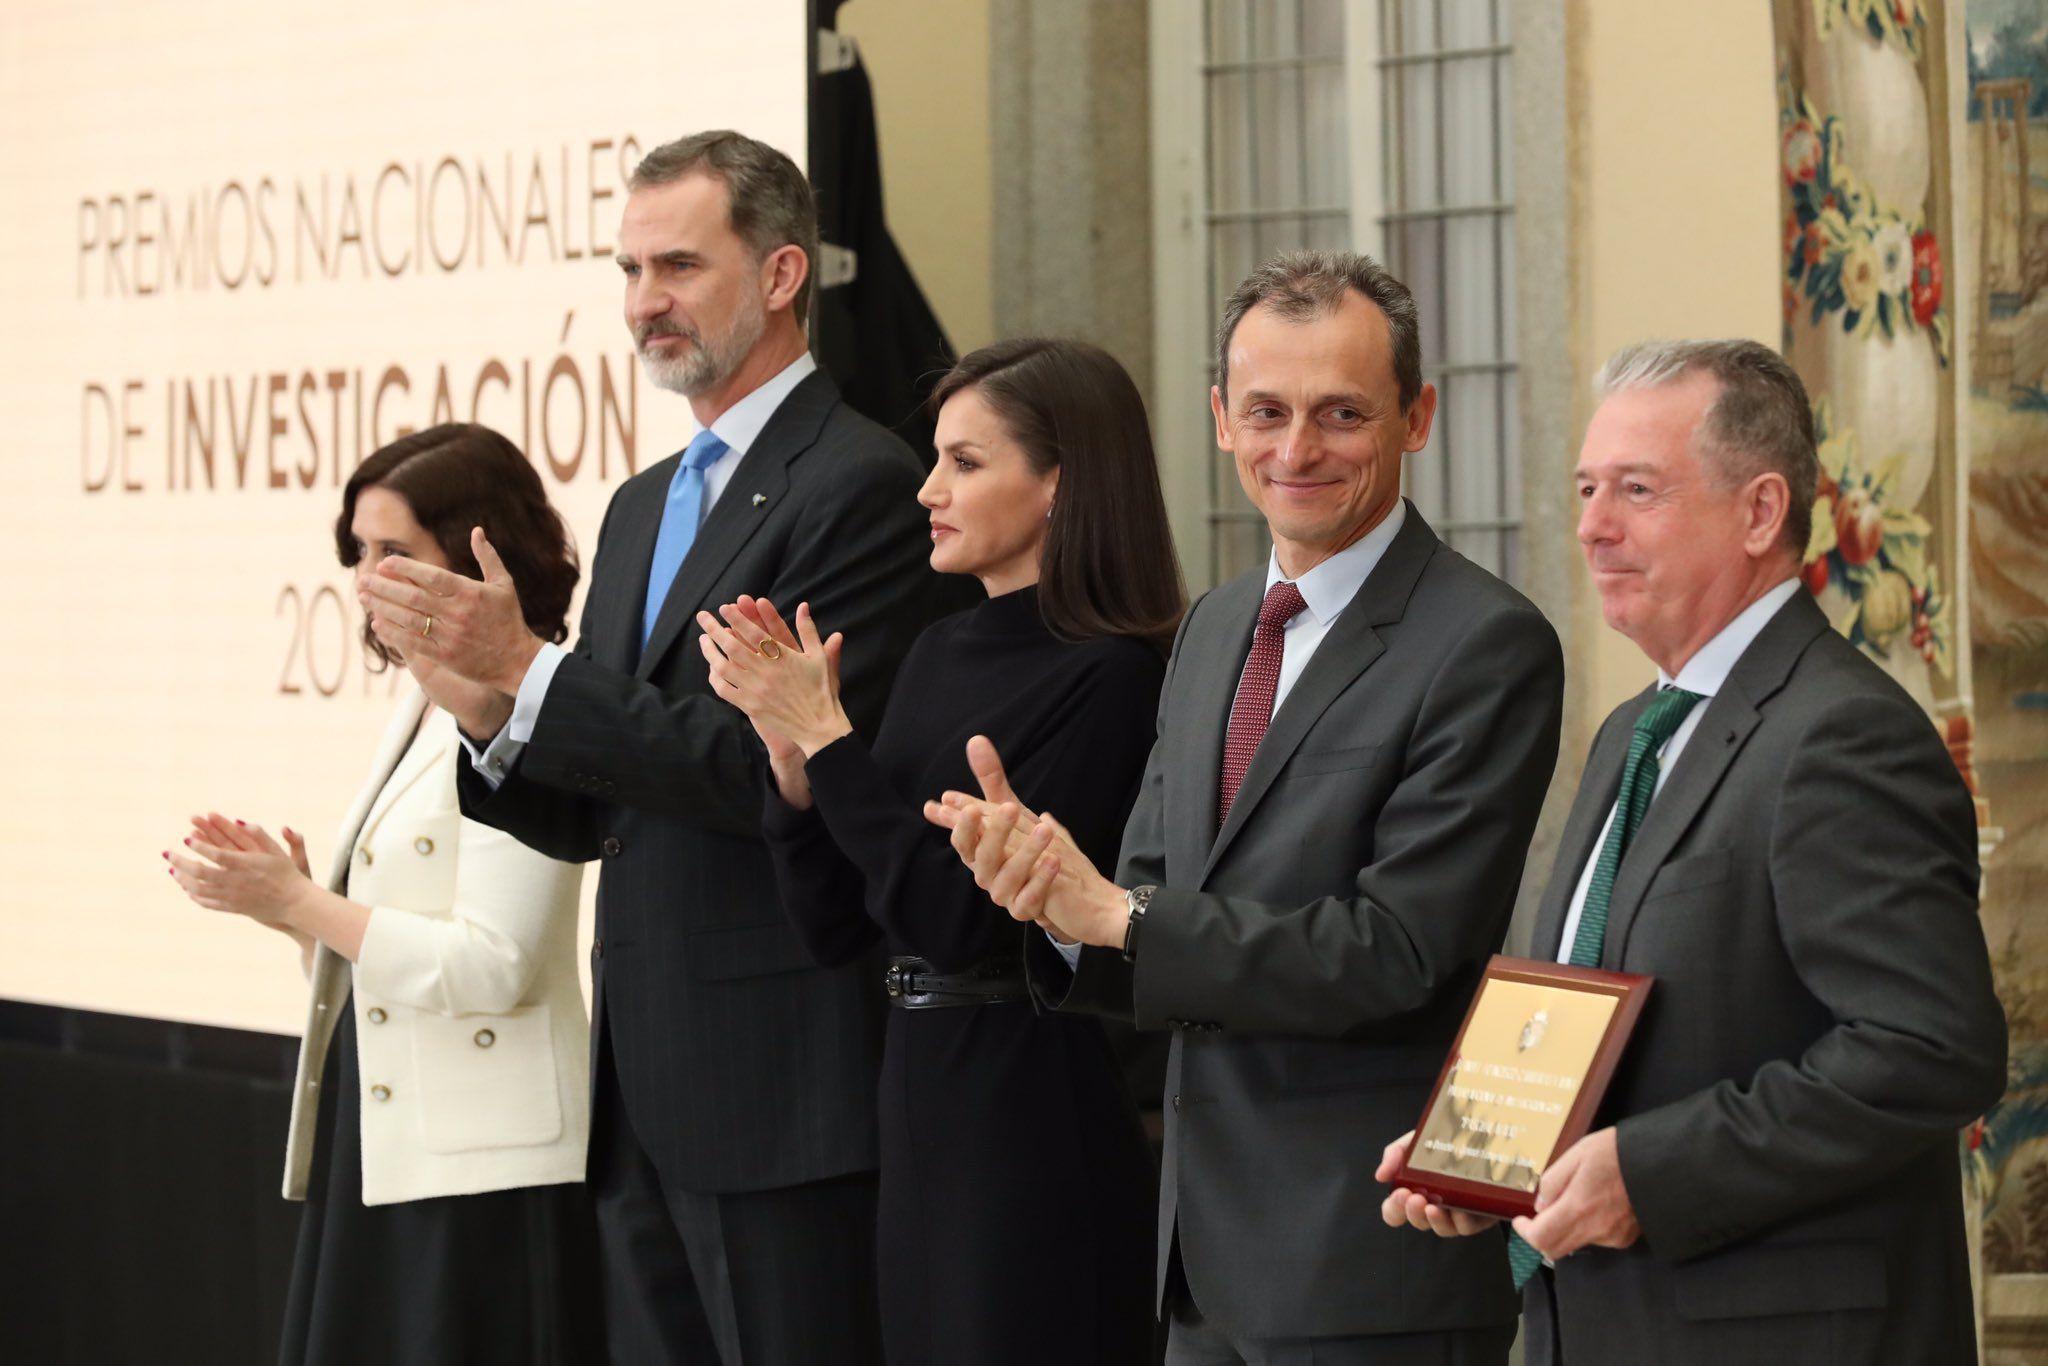 Els reis, amb les autoritats en els premis nacionals d'investigació   Casa Reial